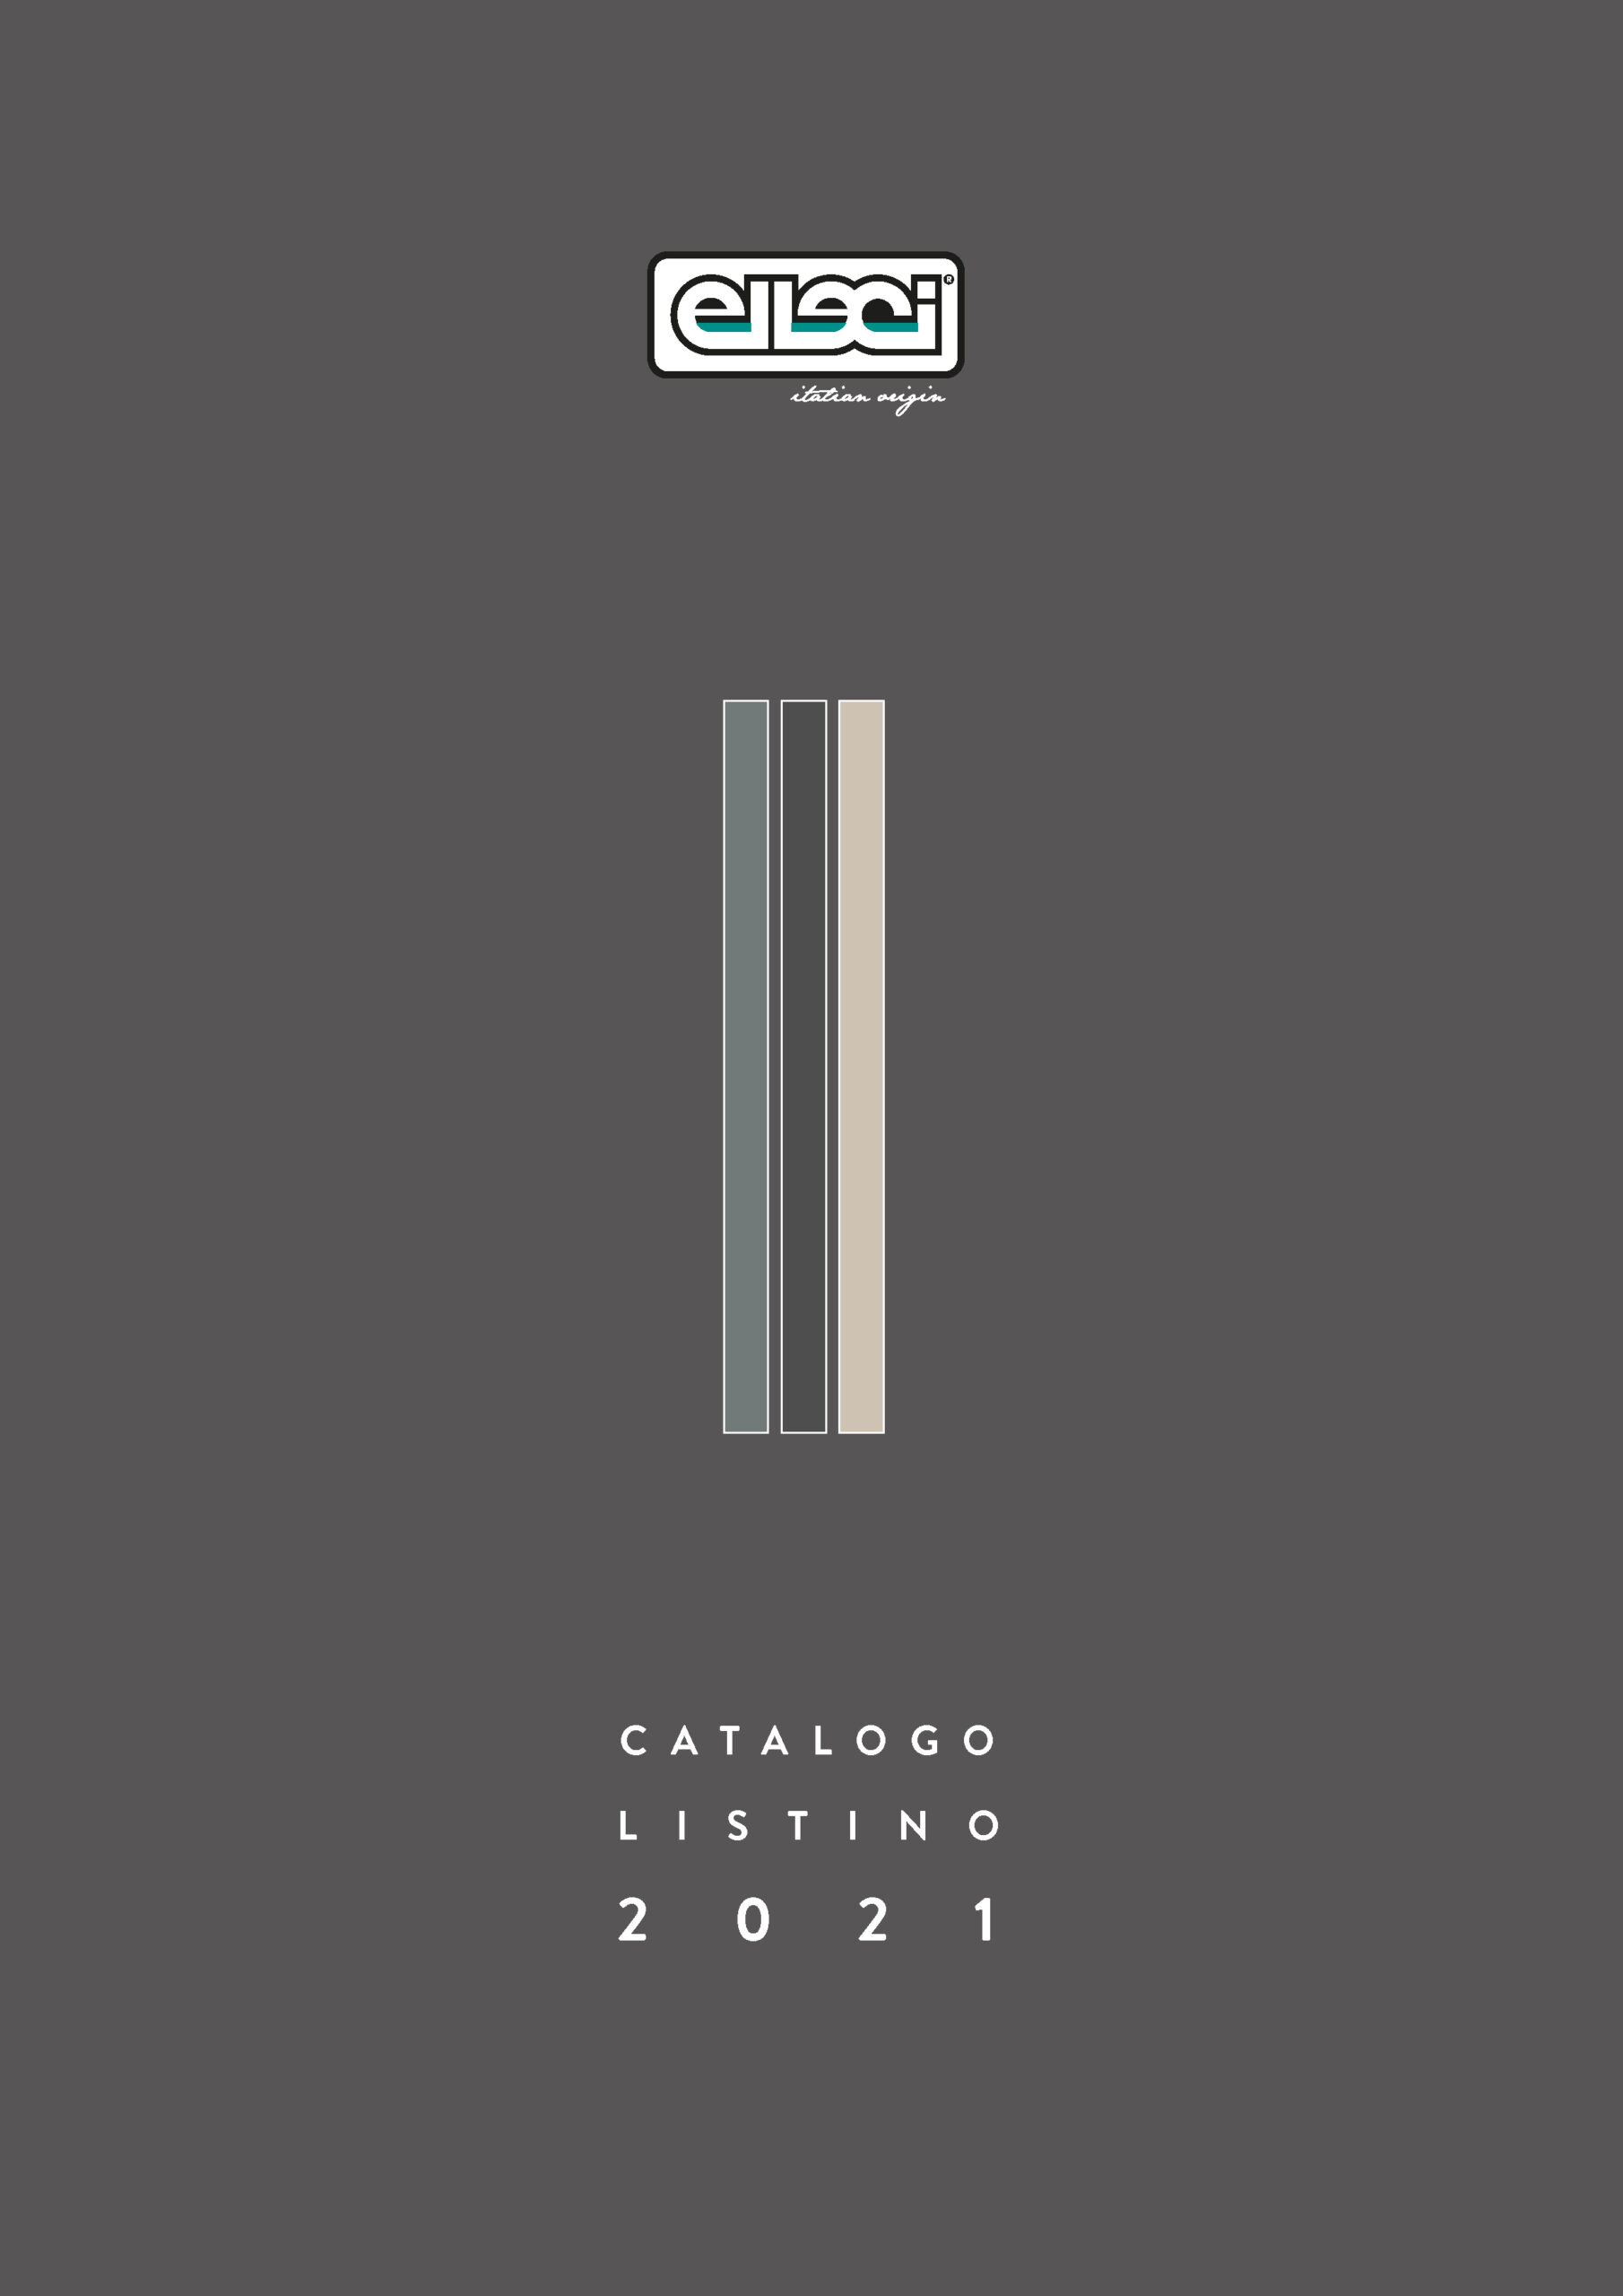 ELLECI – Listino 2021